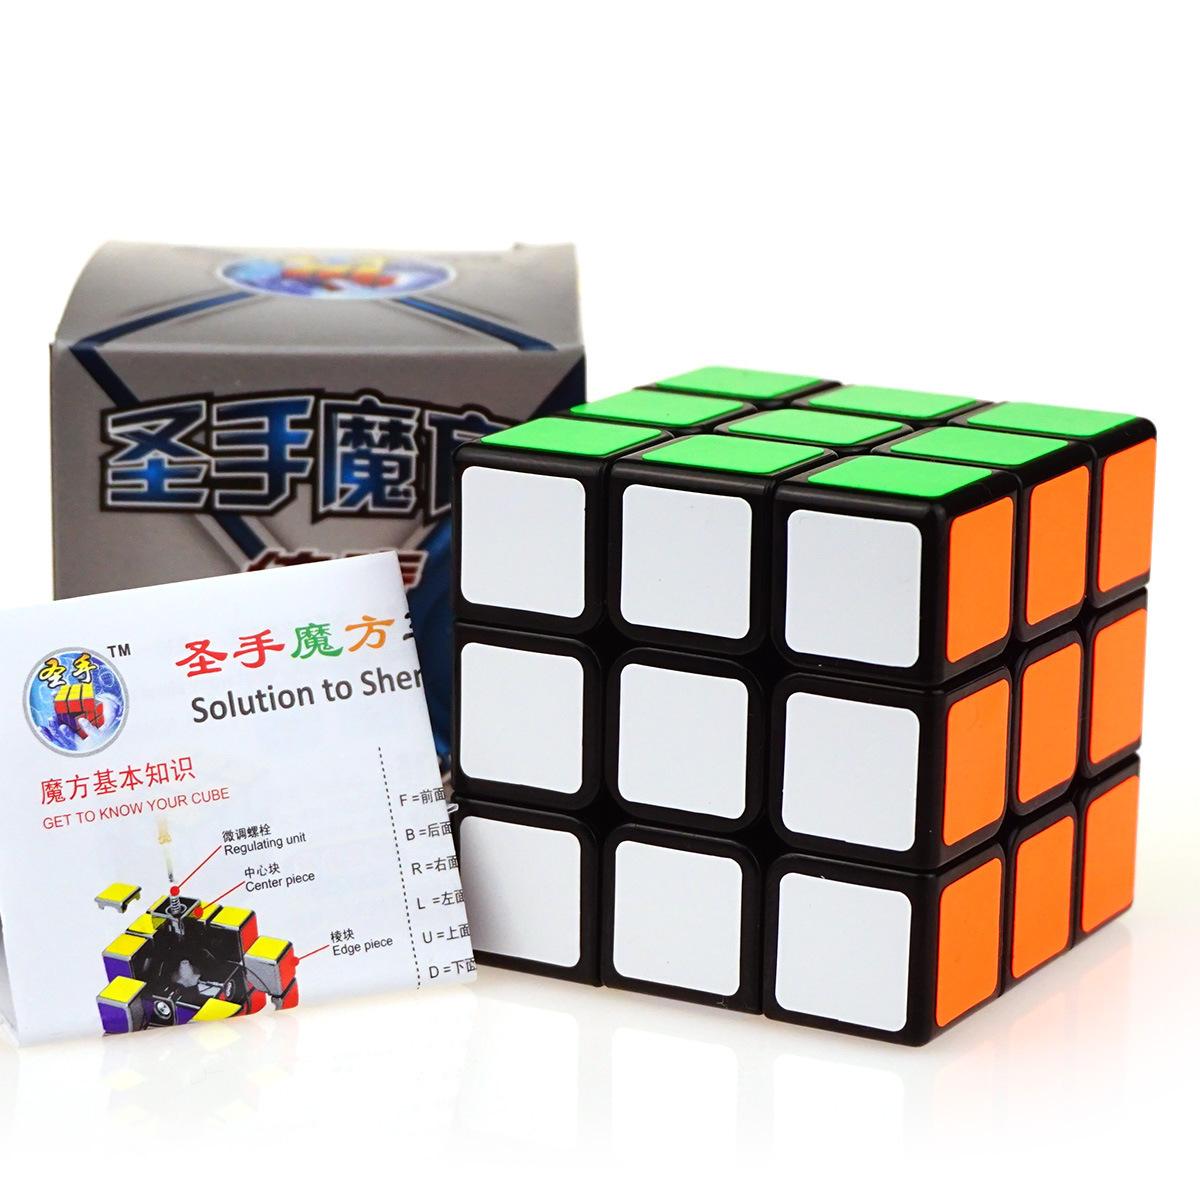 Anfänger um Cube echte Kathrine für Kinder, Schüler und studenten große Geschwindigkeit Bildungs - spielzeug für erwachsene MIT Wettbewerb für falsch